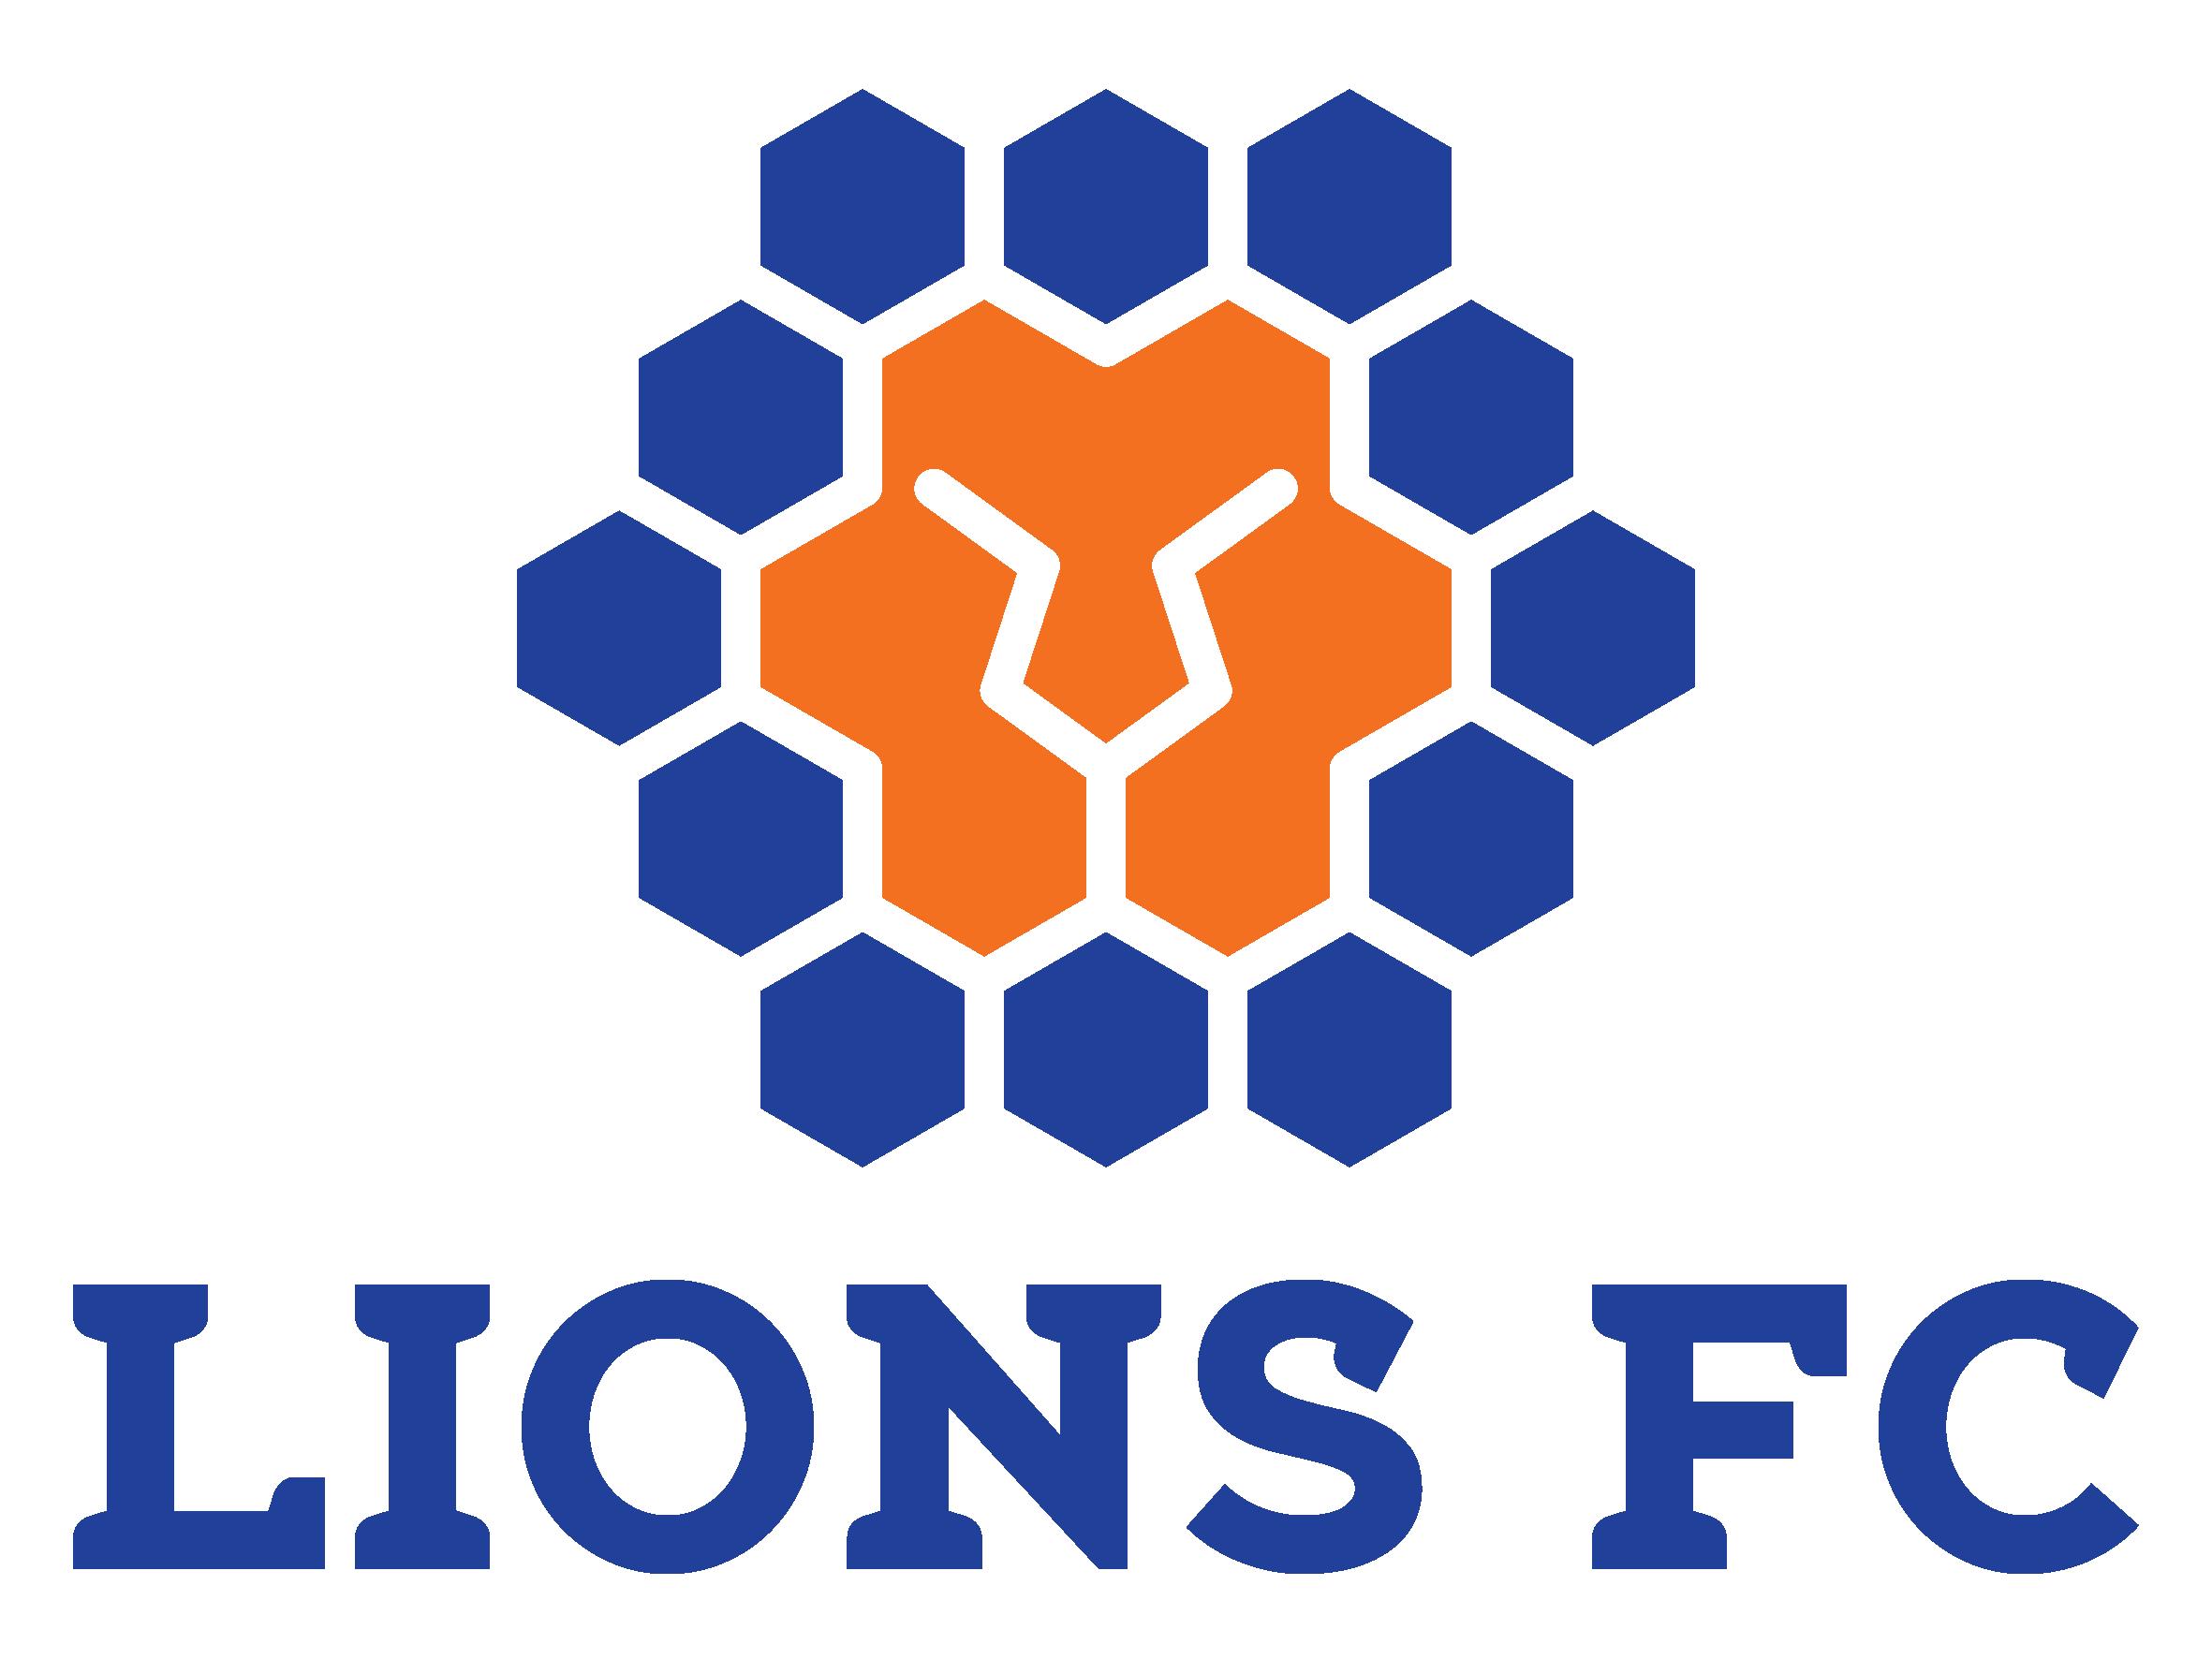 http://sunshinecoastfc.com.au/wp-content/uploads/2018/02/Lions-FC-LOGO-SUITE-Type-2.png